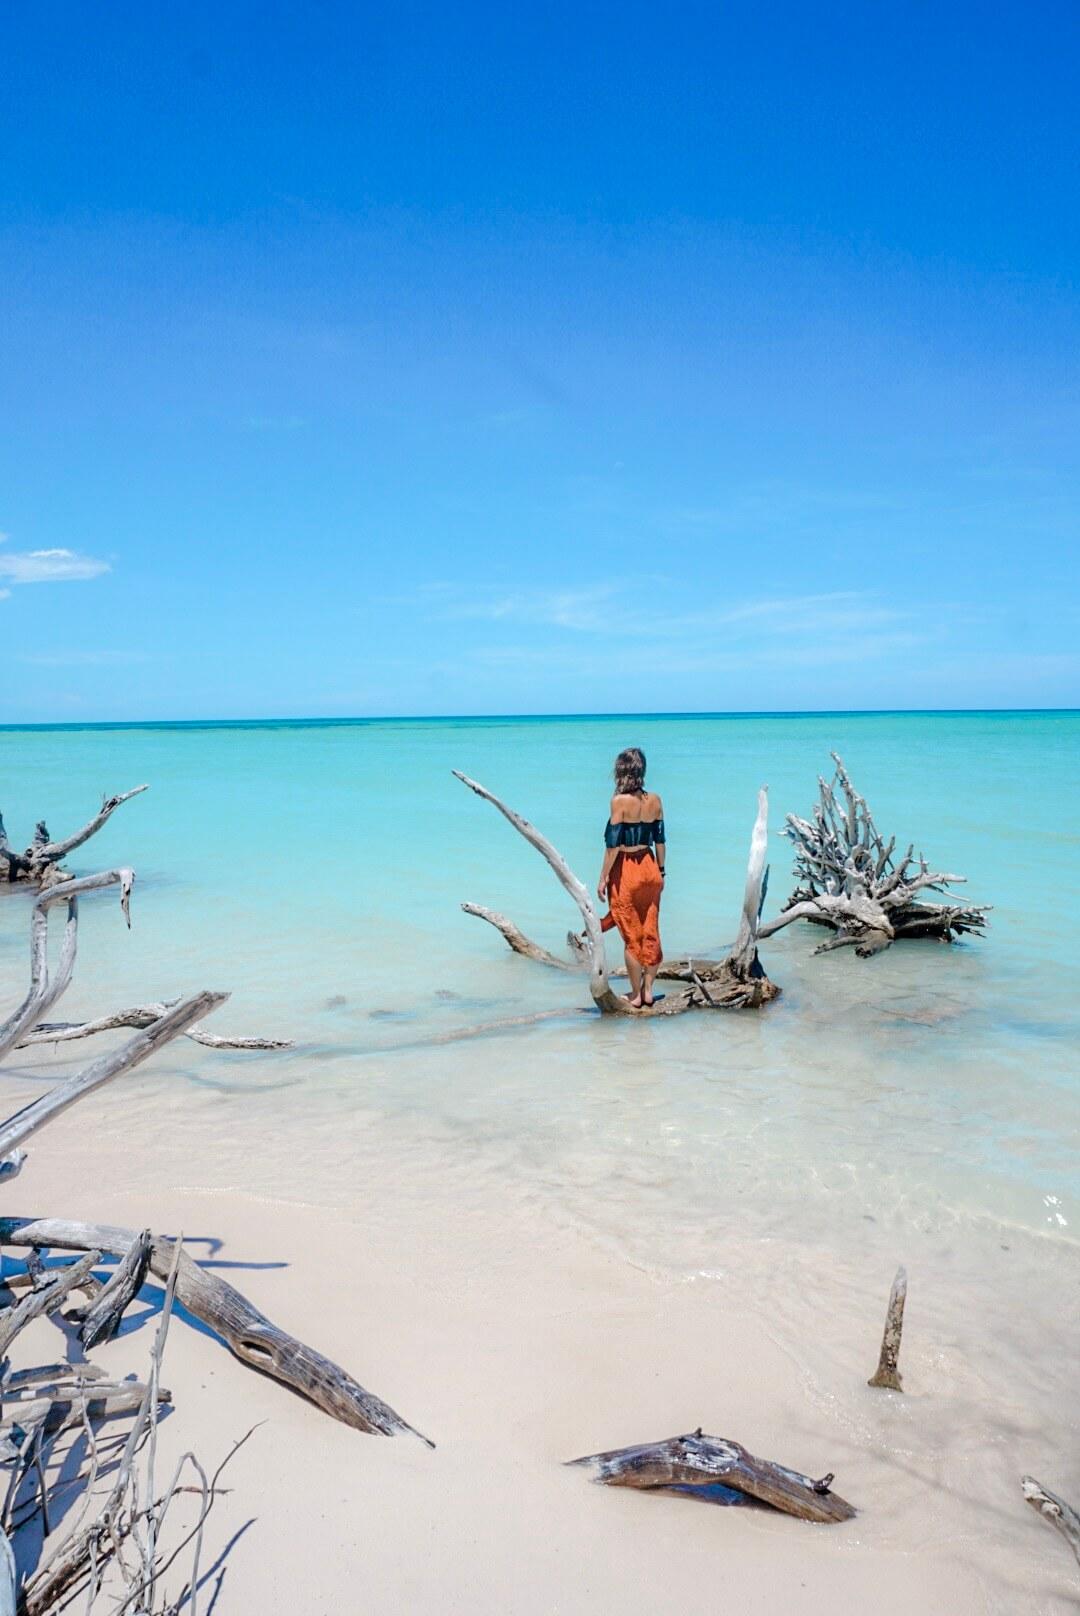 plus belle plage de cuba nord est